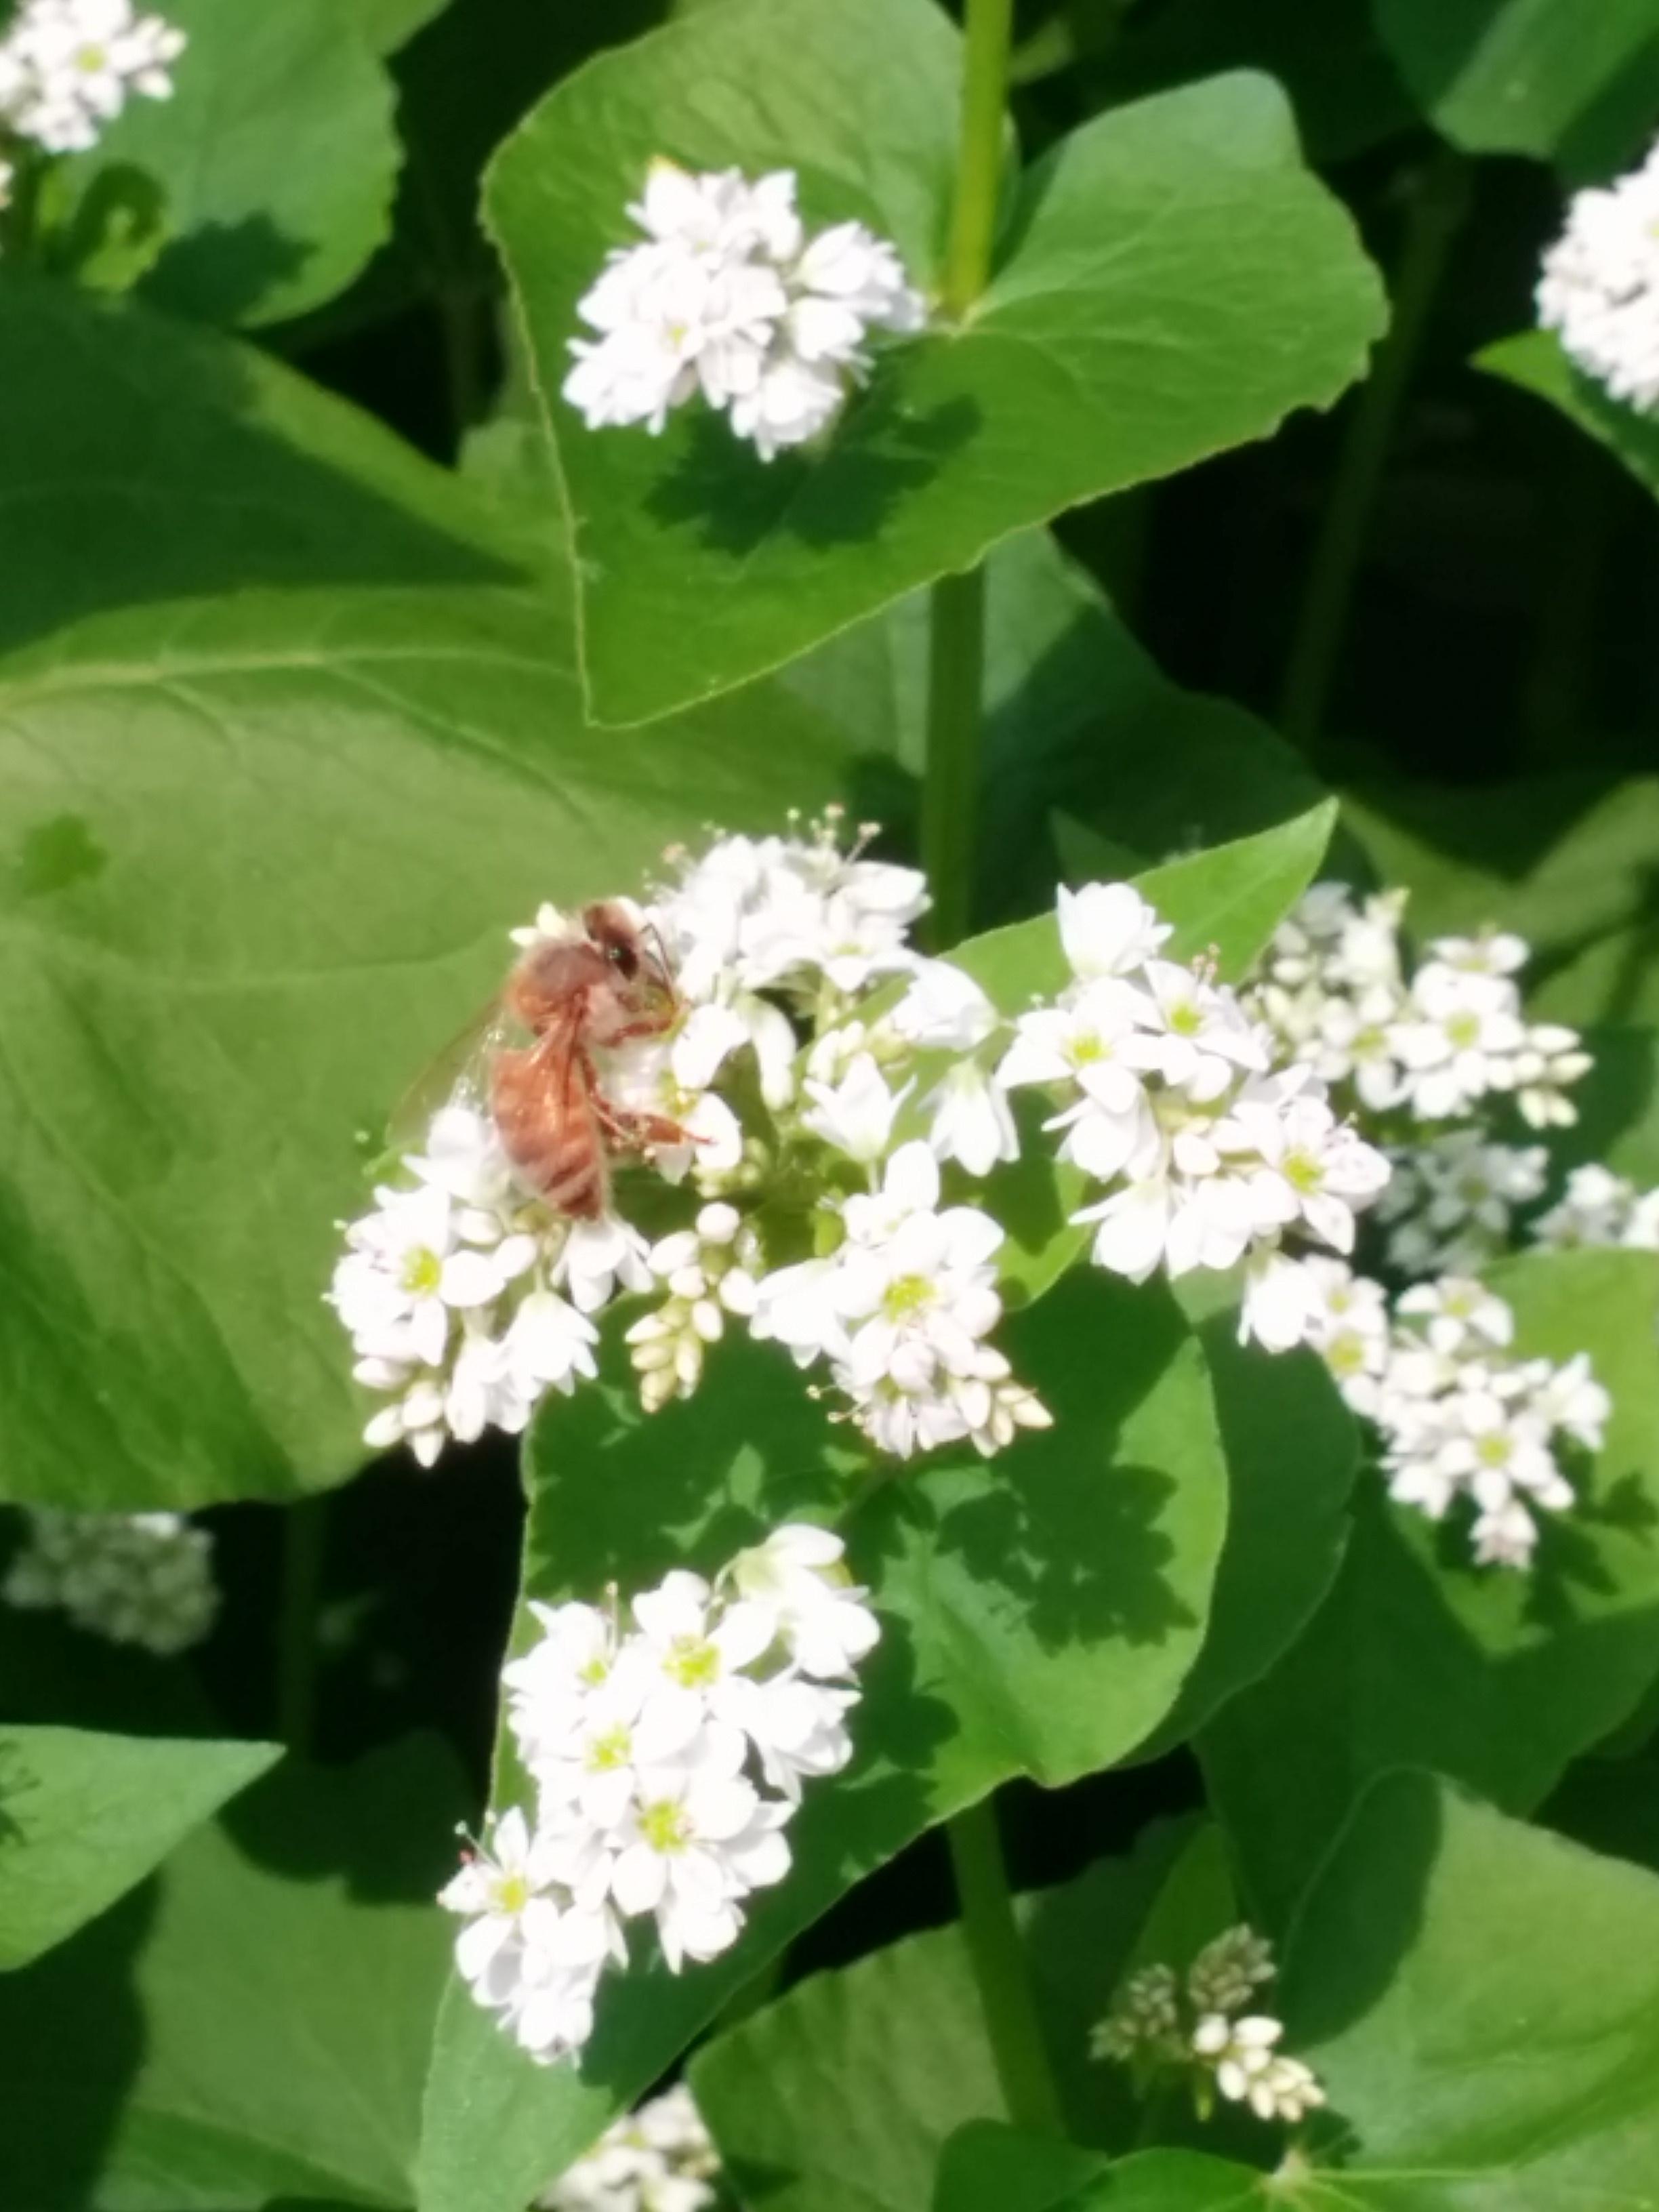 Another honeybee